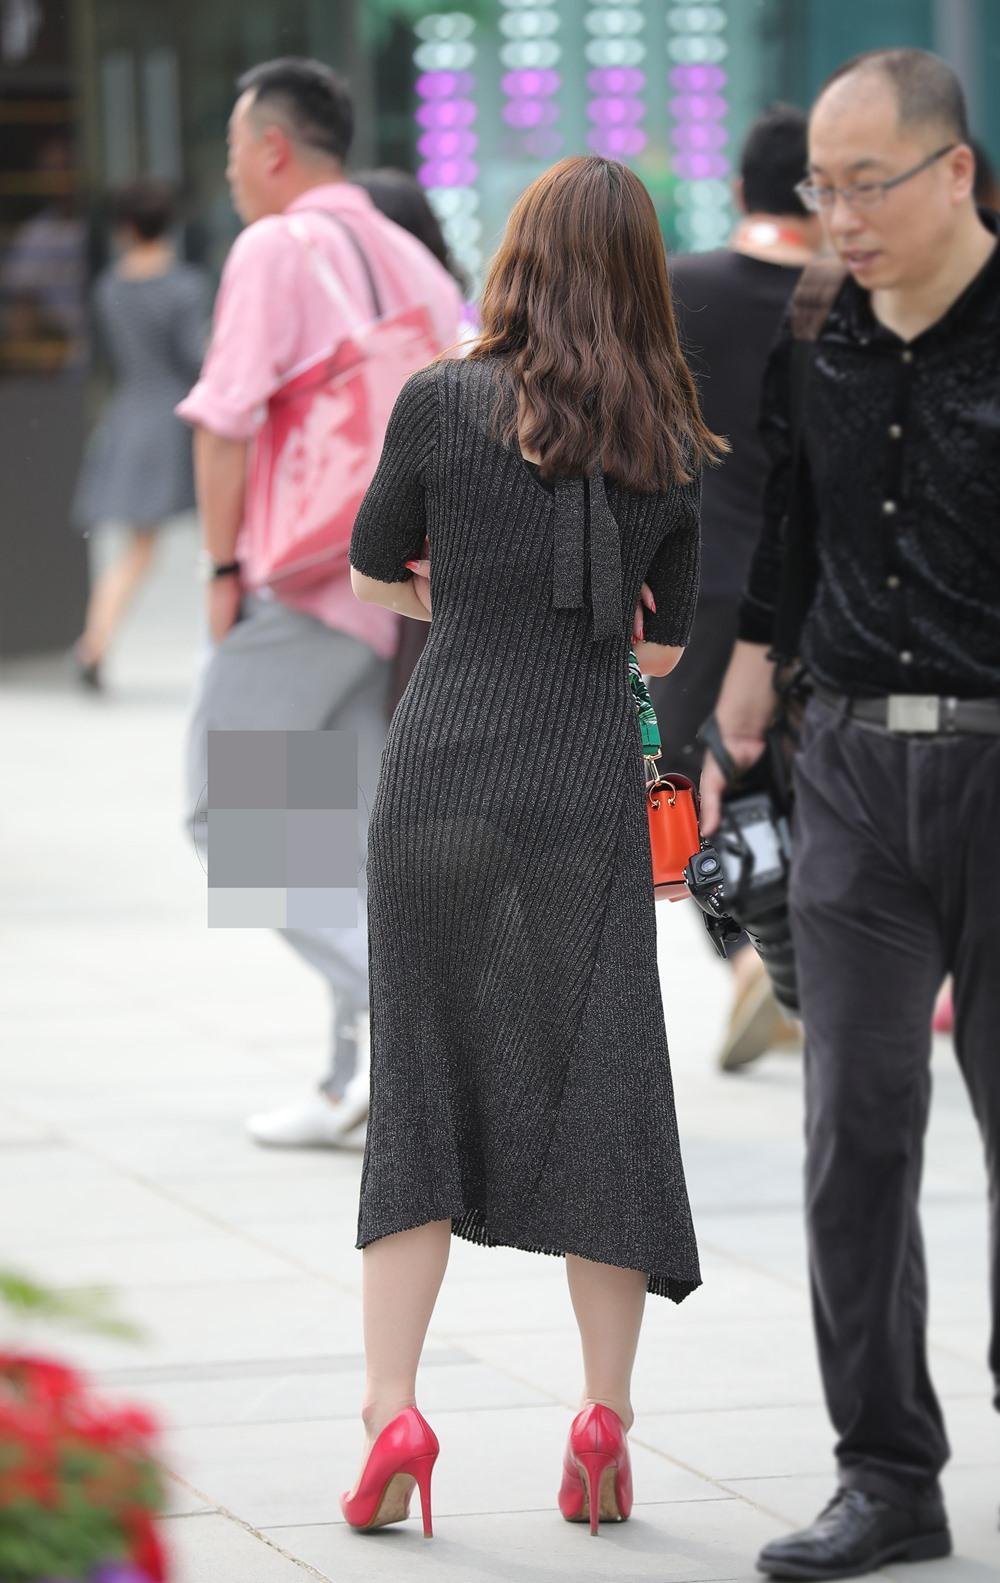 """Đi mua hoa quả, cô gái """"phát sáng"""" giữa phố vì trang phục mỏng dễ nhìn xuyên qua - hình ảnh 4"""